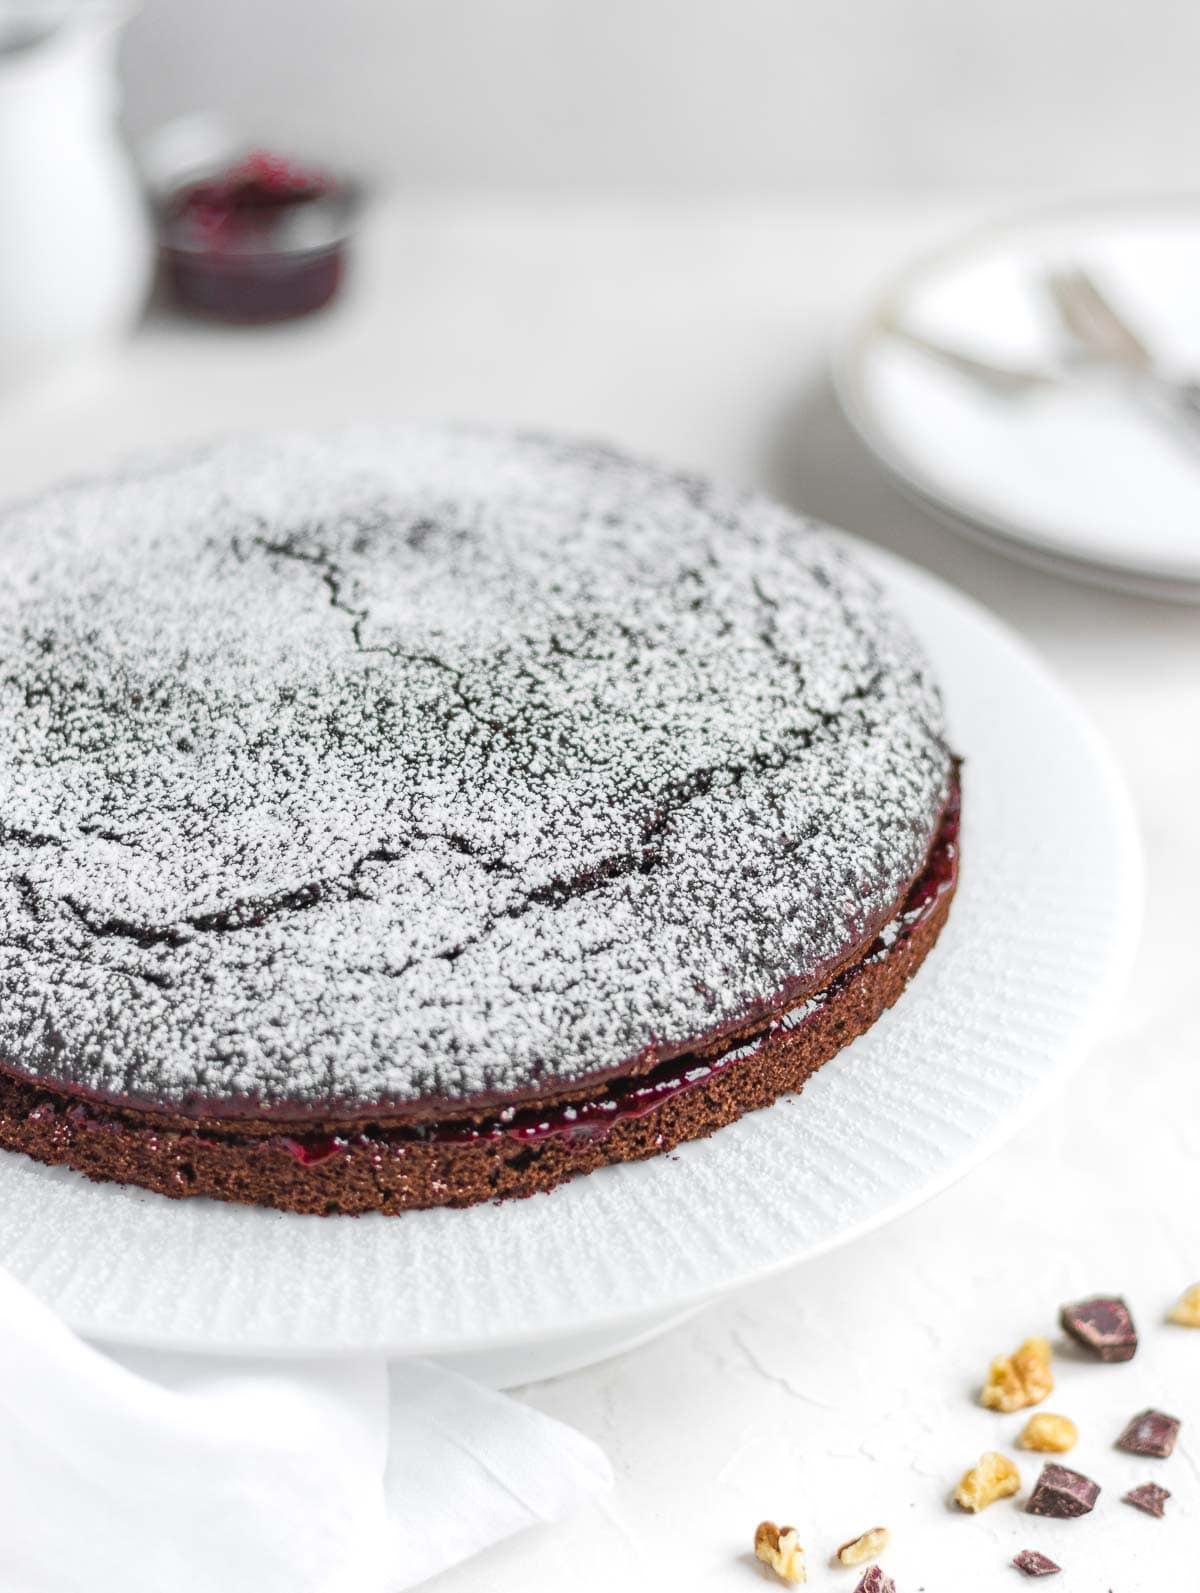 torta al cioccolato e amarena senza uova